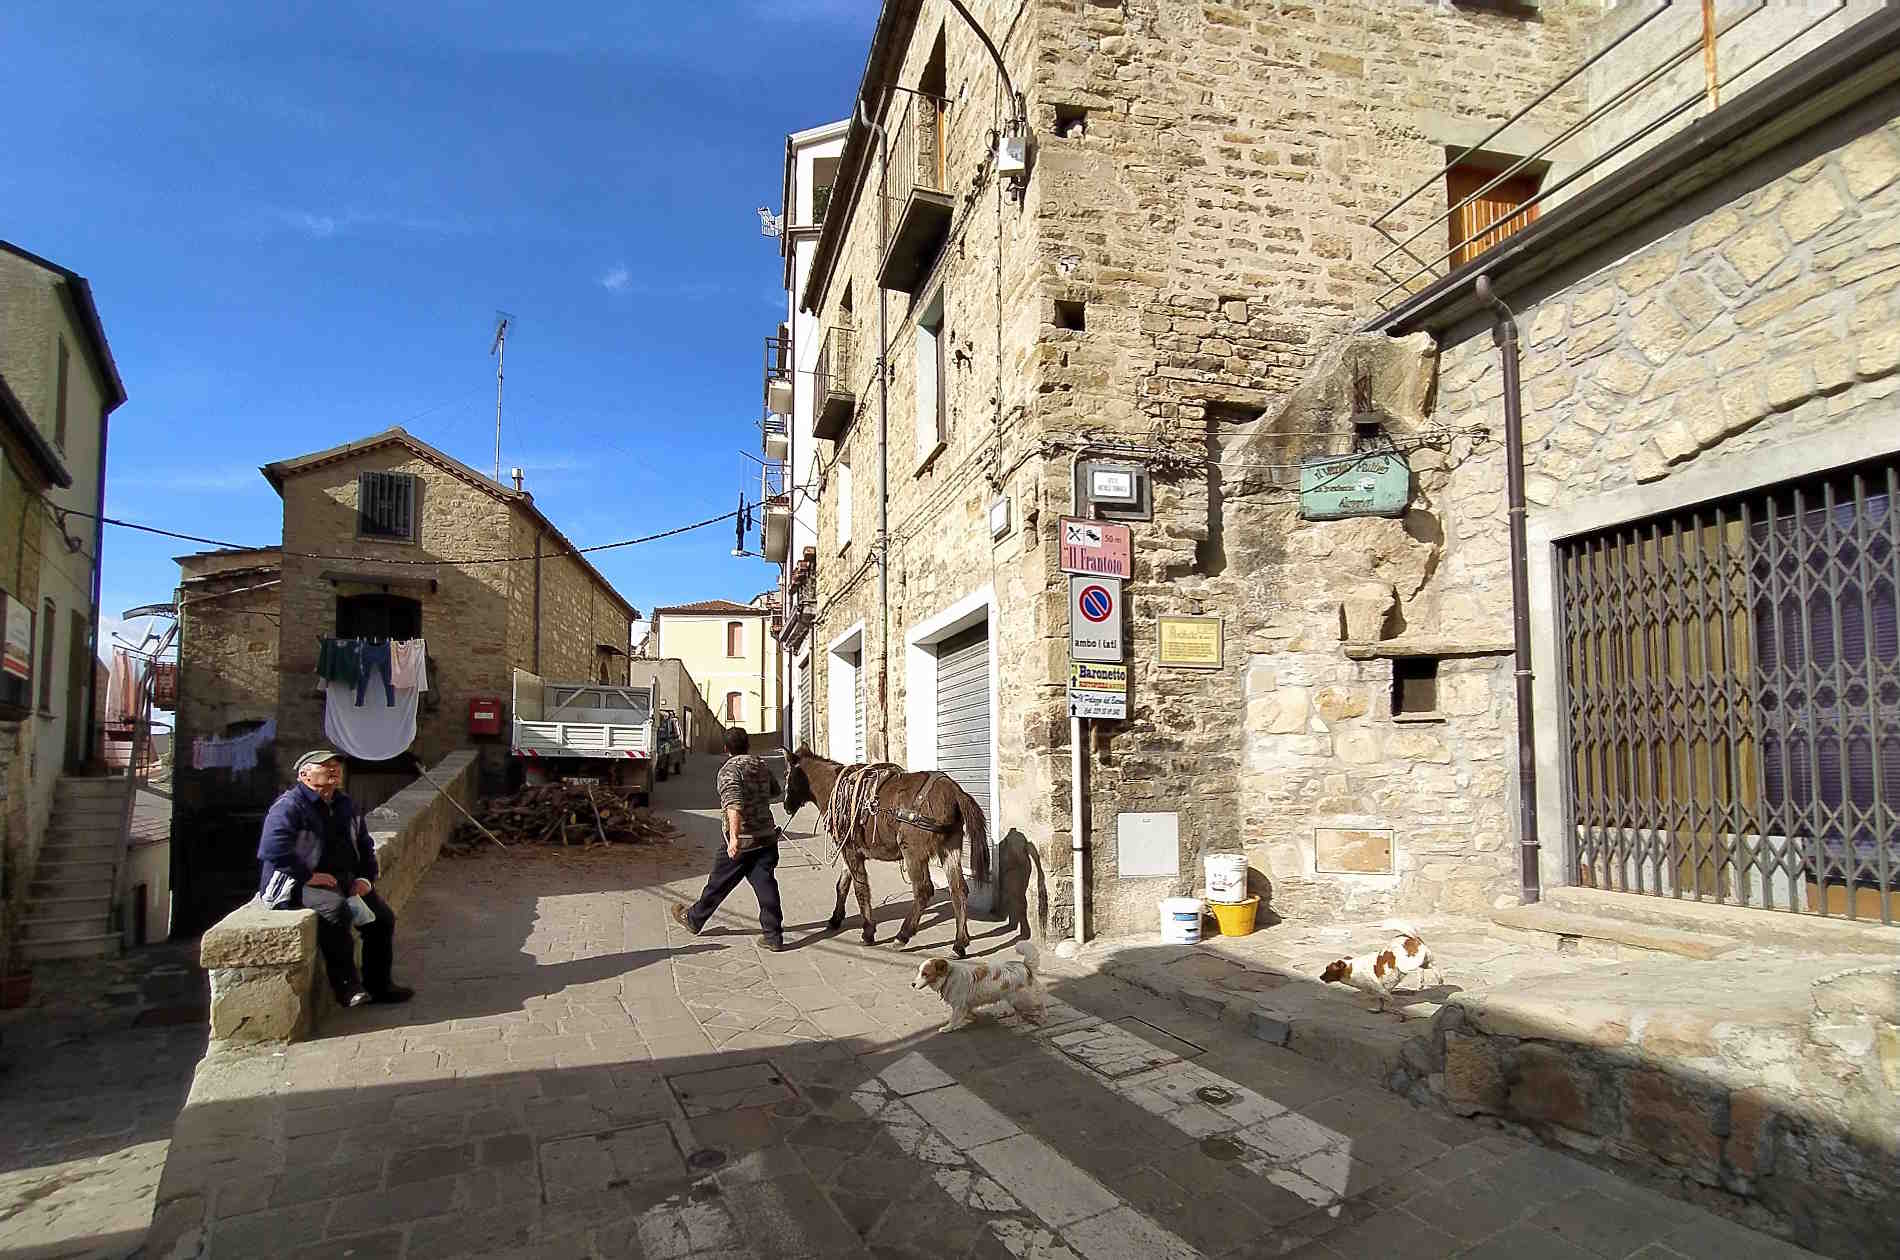 Scorci di vita nelle Dolomiti Lucane a Pietrapertosa Basilicata